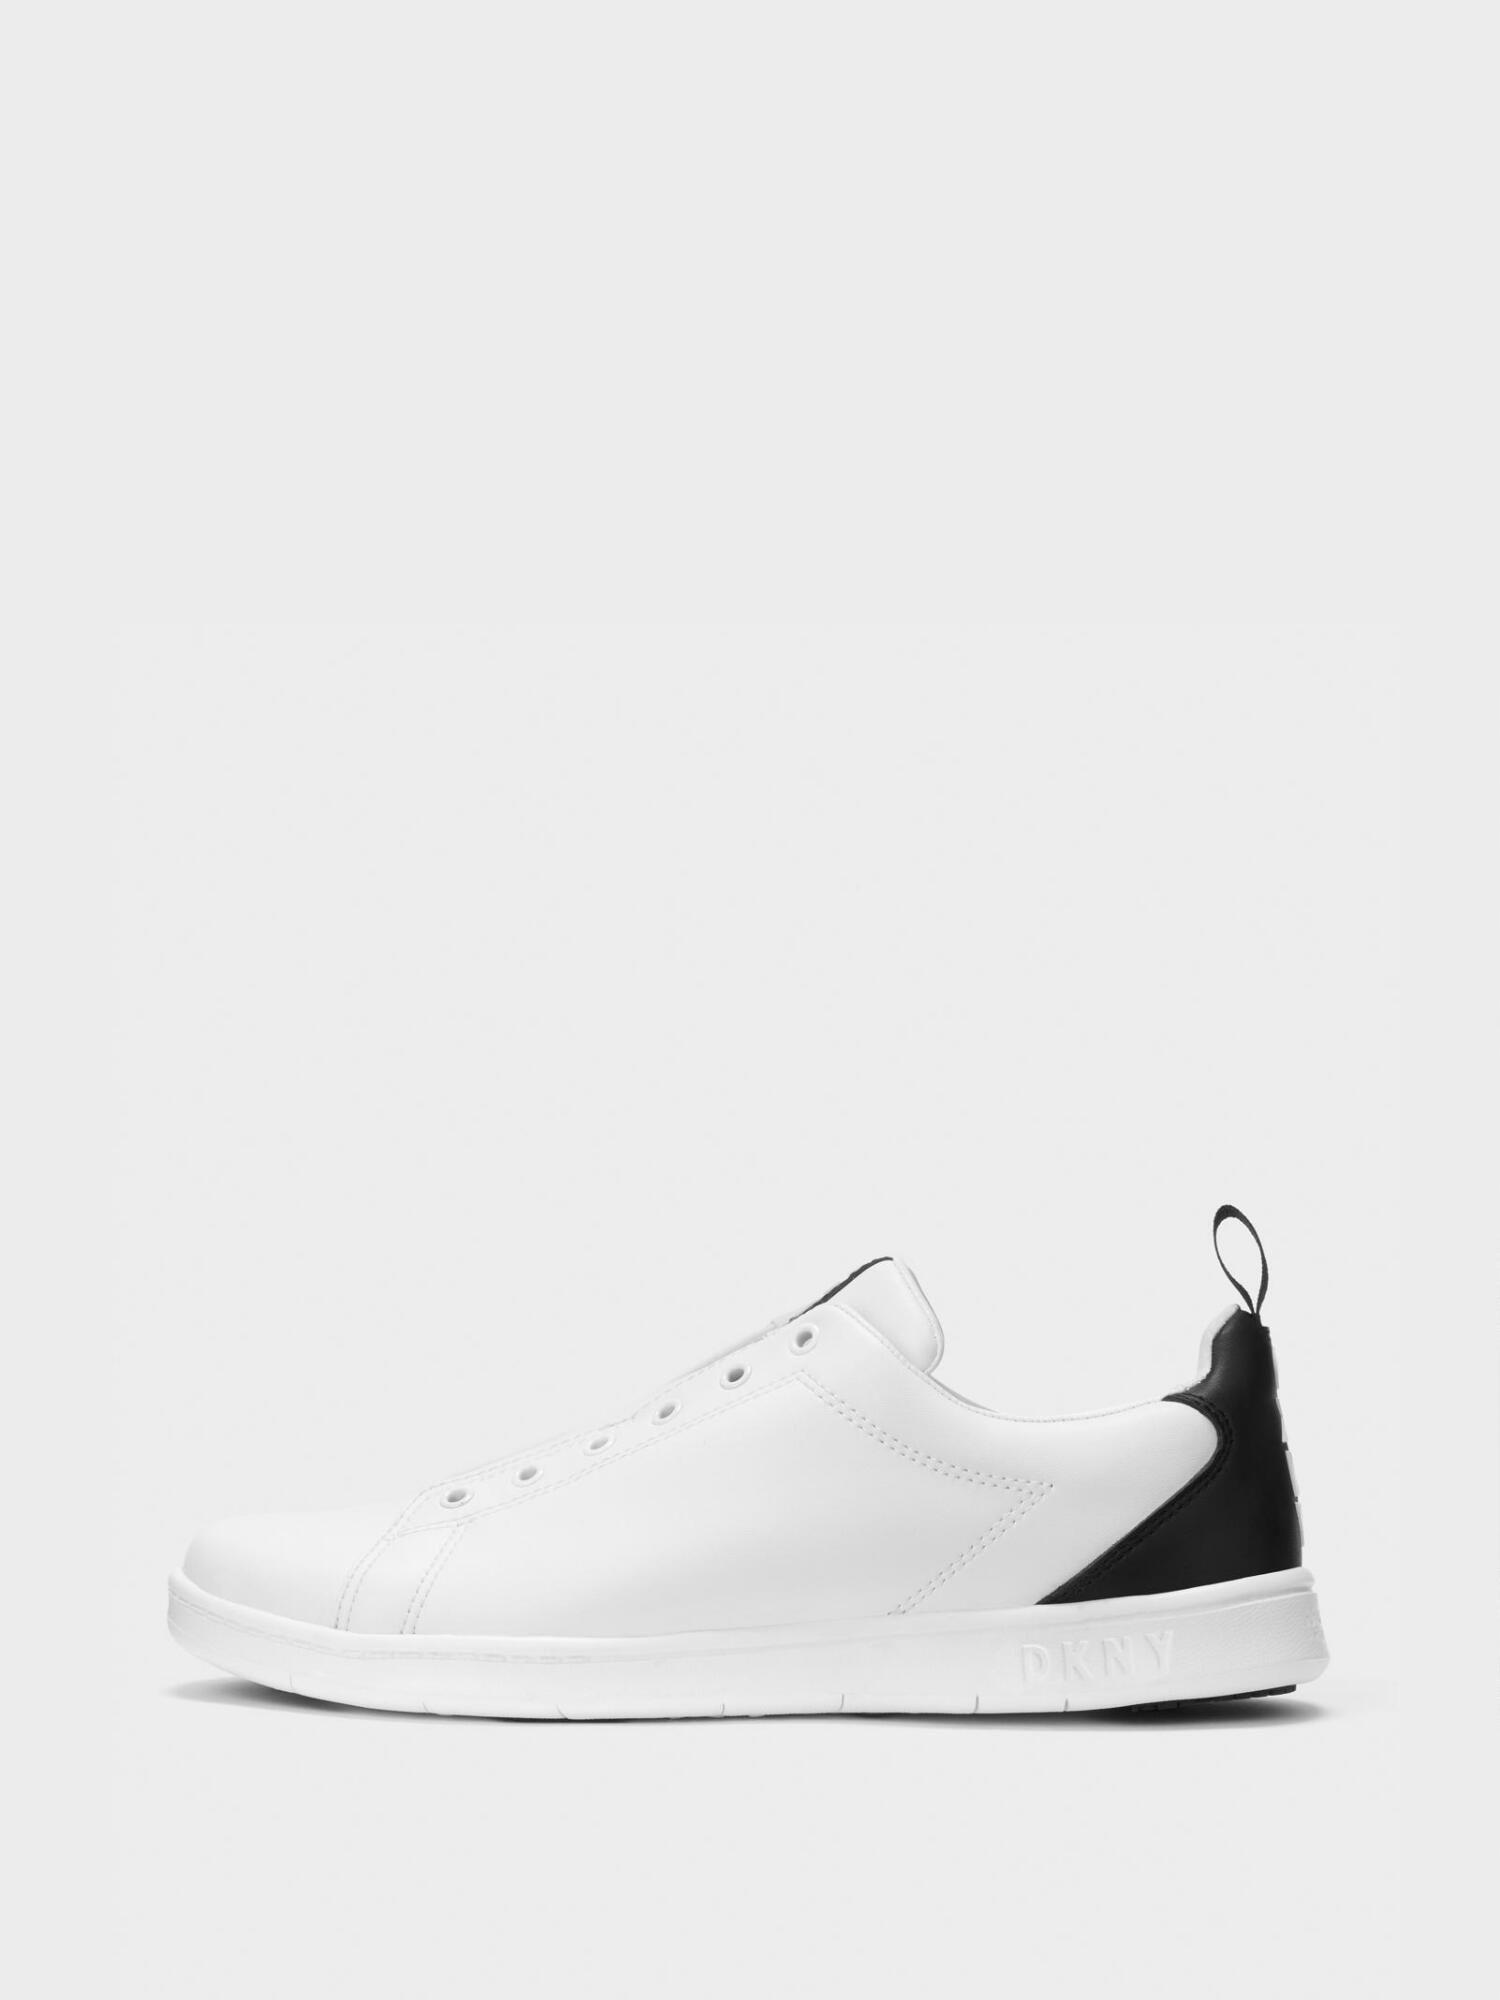 7ae16c549d8 DONNA KARAN FINN SNEAKER.  donnakaran  shoes